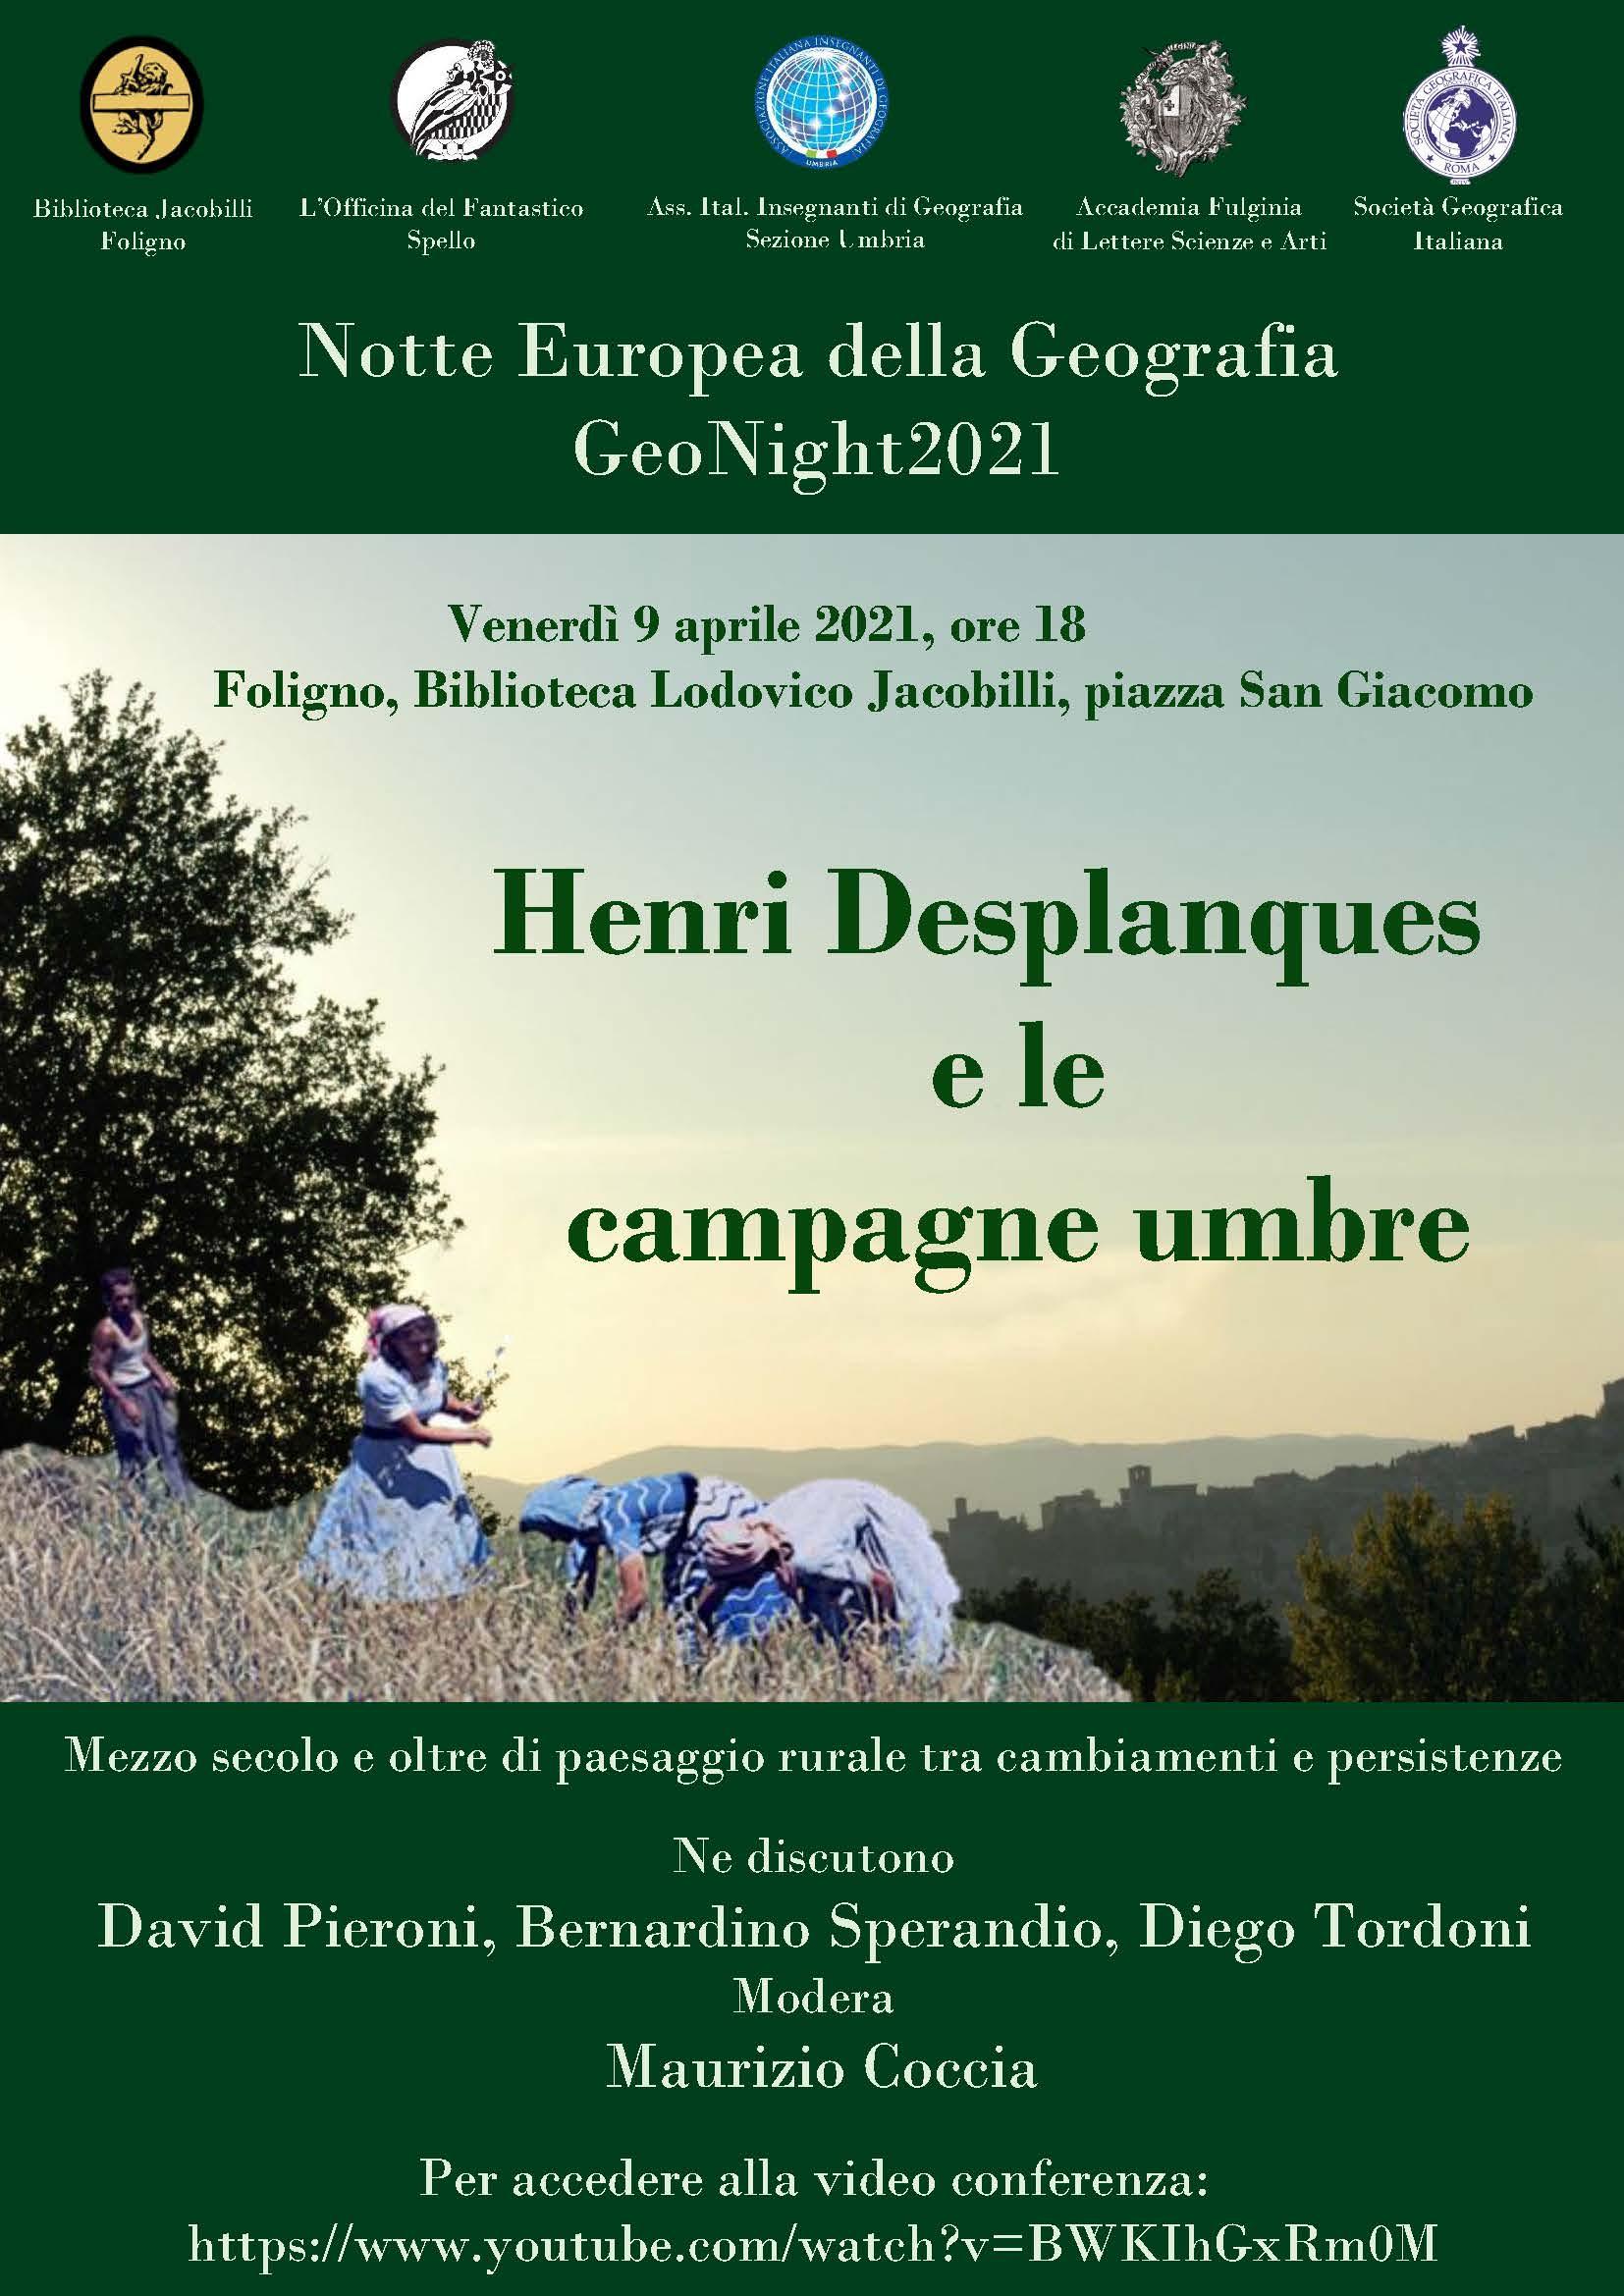 Notte europea della Geografia – GeoNight2021